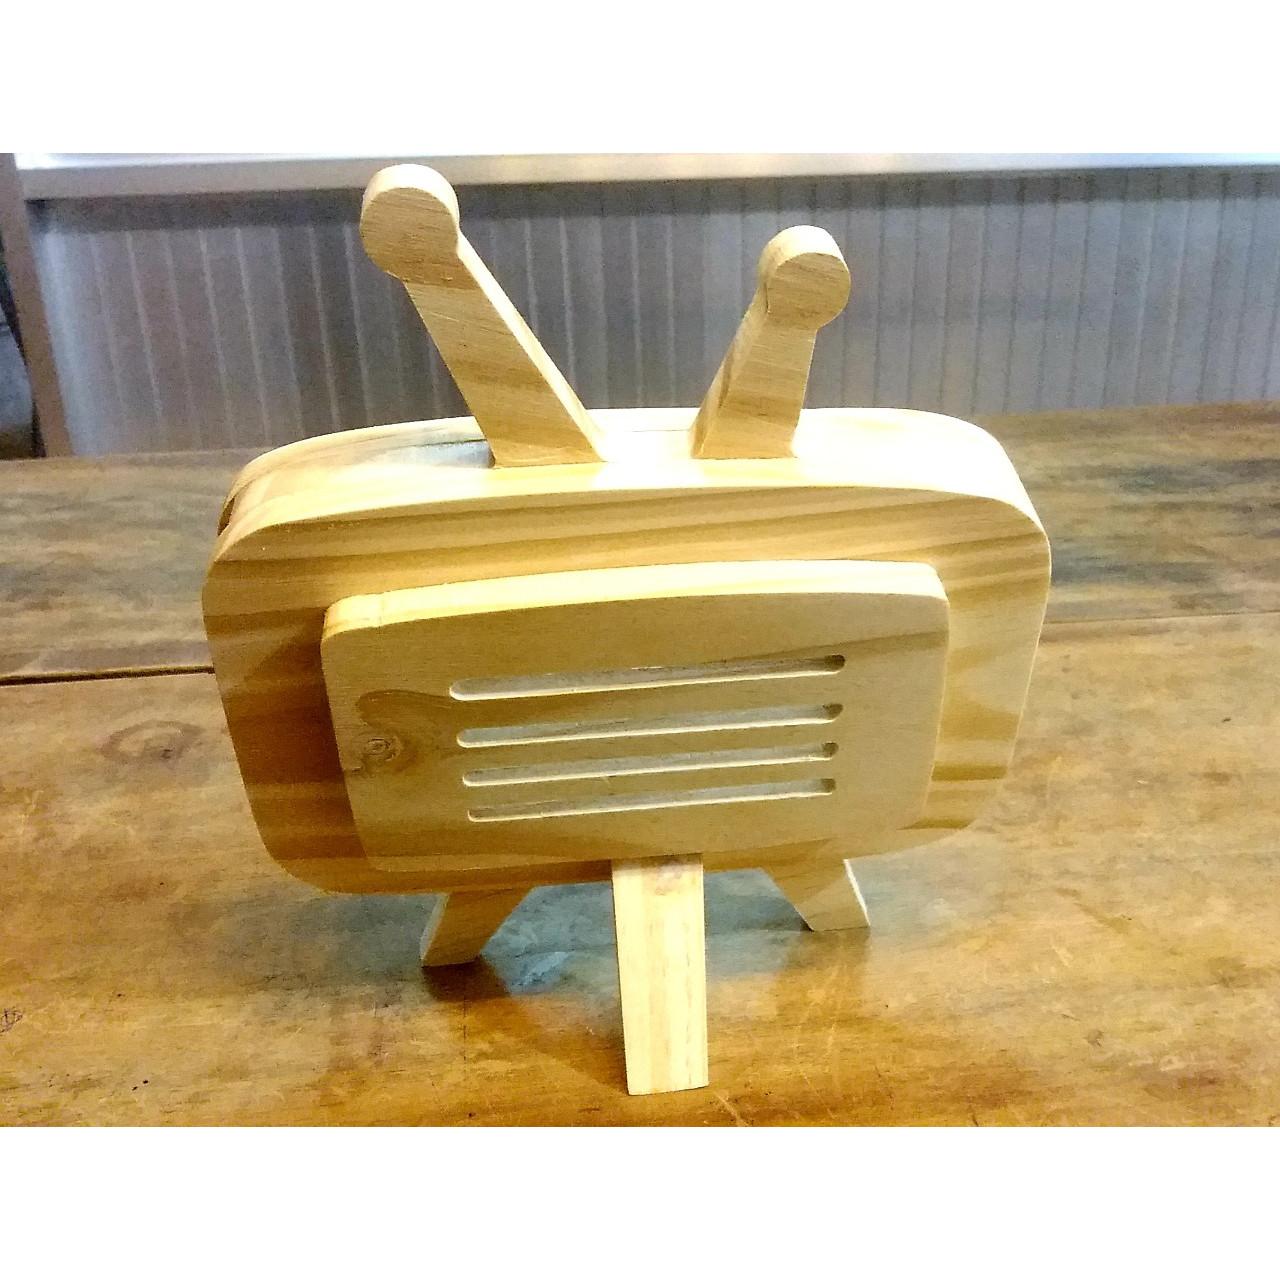 Đế kê điện thoại hình tivi bằng gỗ, thiết kế như 1 chiếc tivi thu nhỏ, siêu bền, chân đứng vững chắc, có khe luồn chui sạc tiện lợi